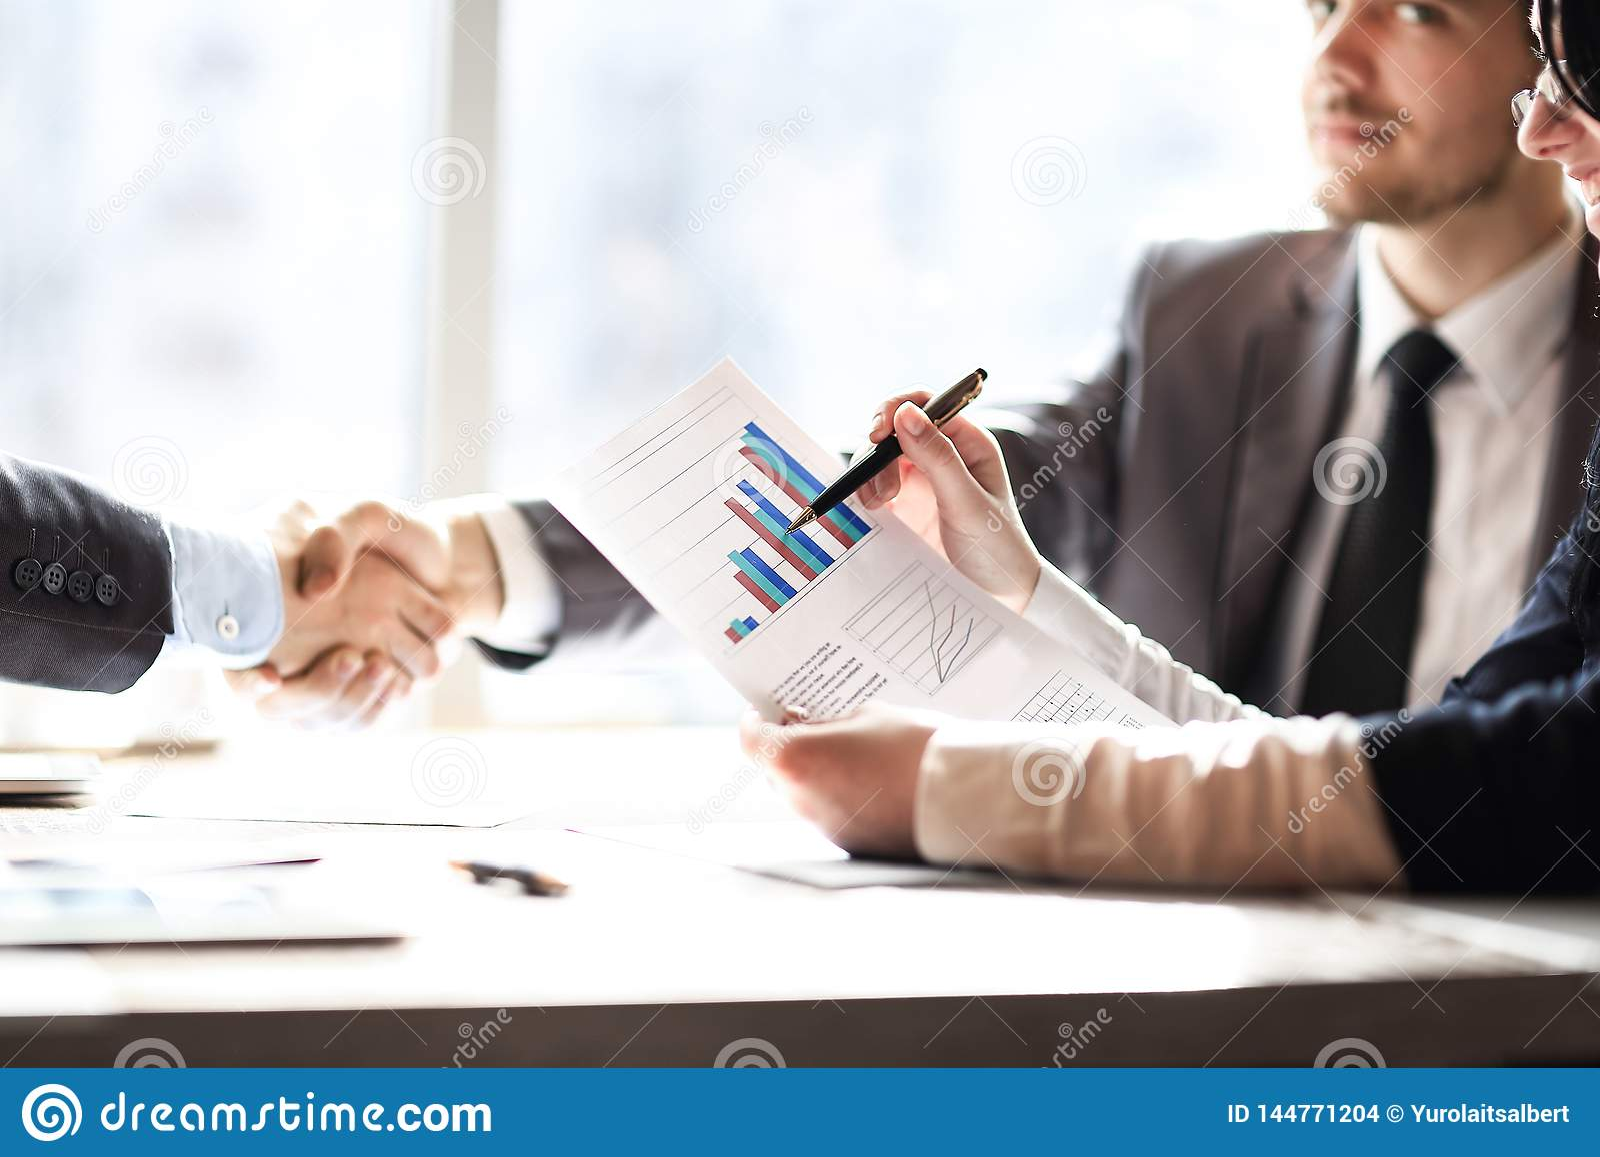 ?? 商务伙伴财政发展和握手日程表